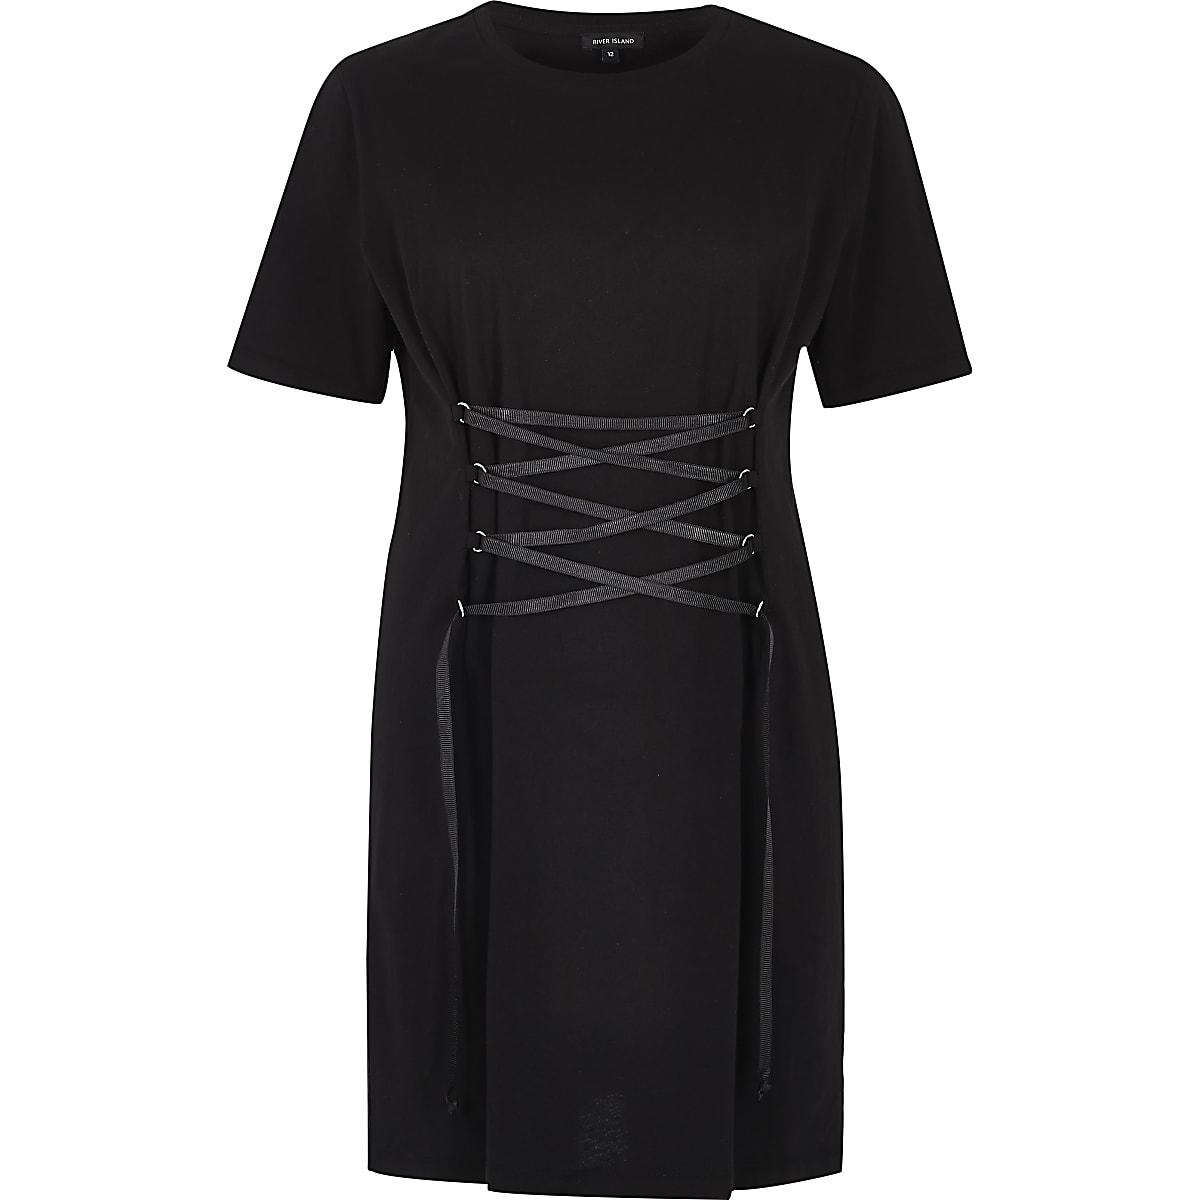 62f8e7b04ba Black corset front oversized T-shirt dress - T-Shirt Dresses - Dresses -  women